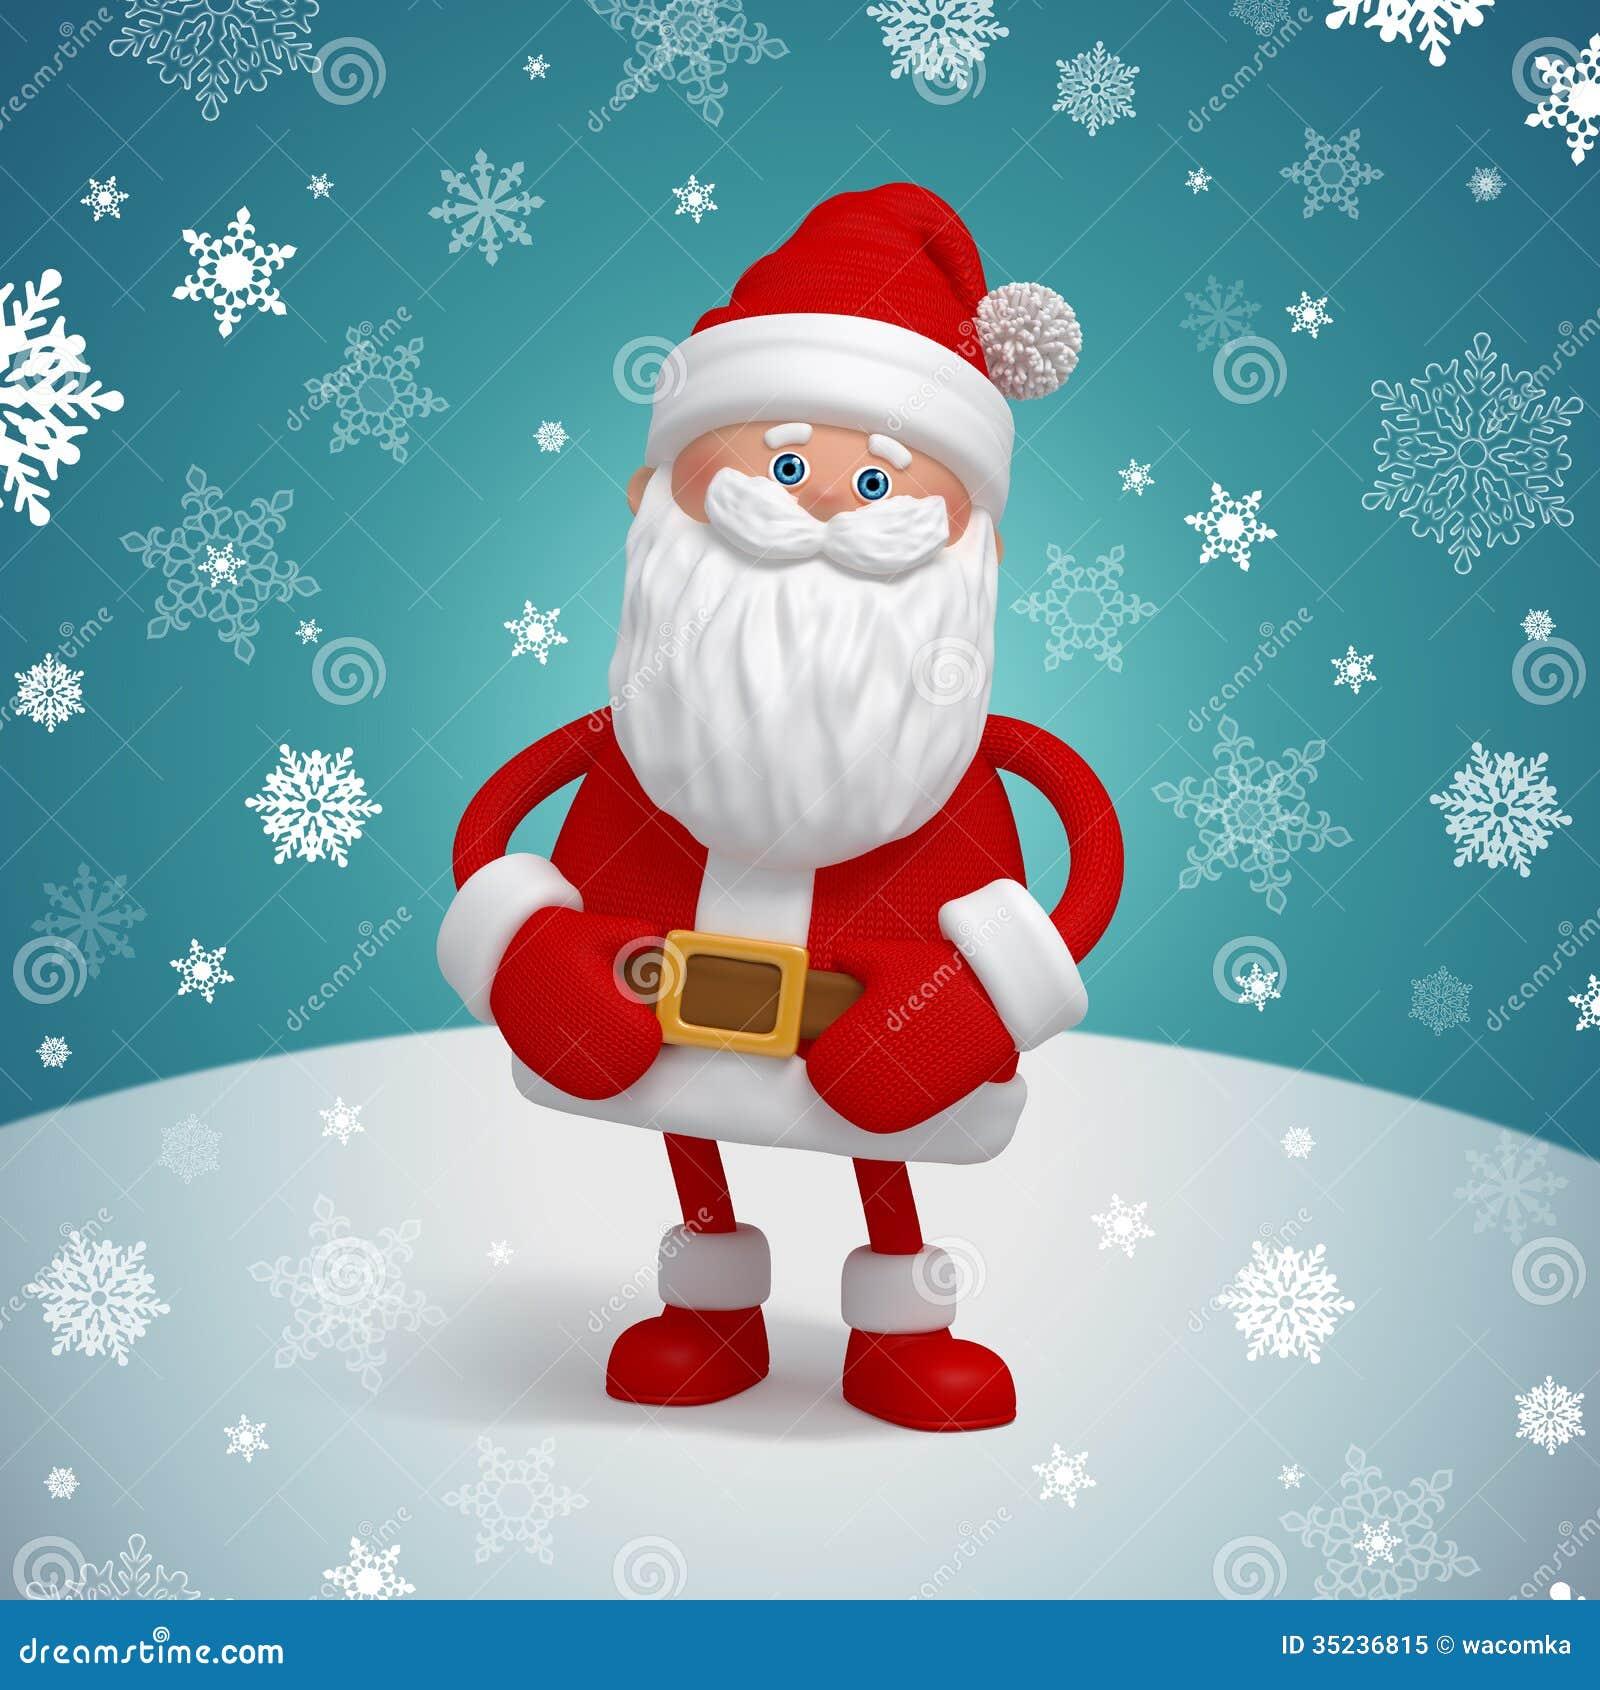 Cute 3d Santa Claus Cartoon Character Stock Illustration